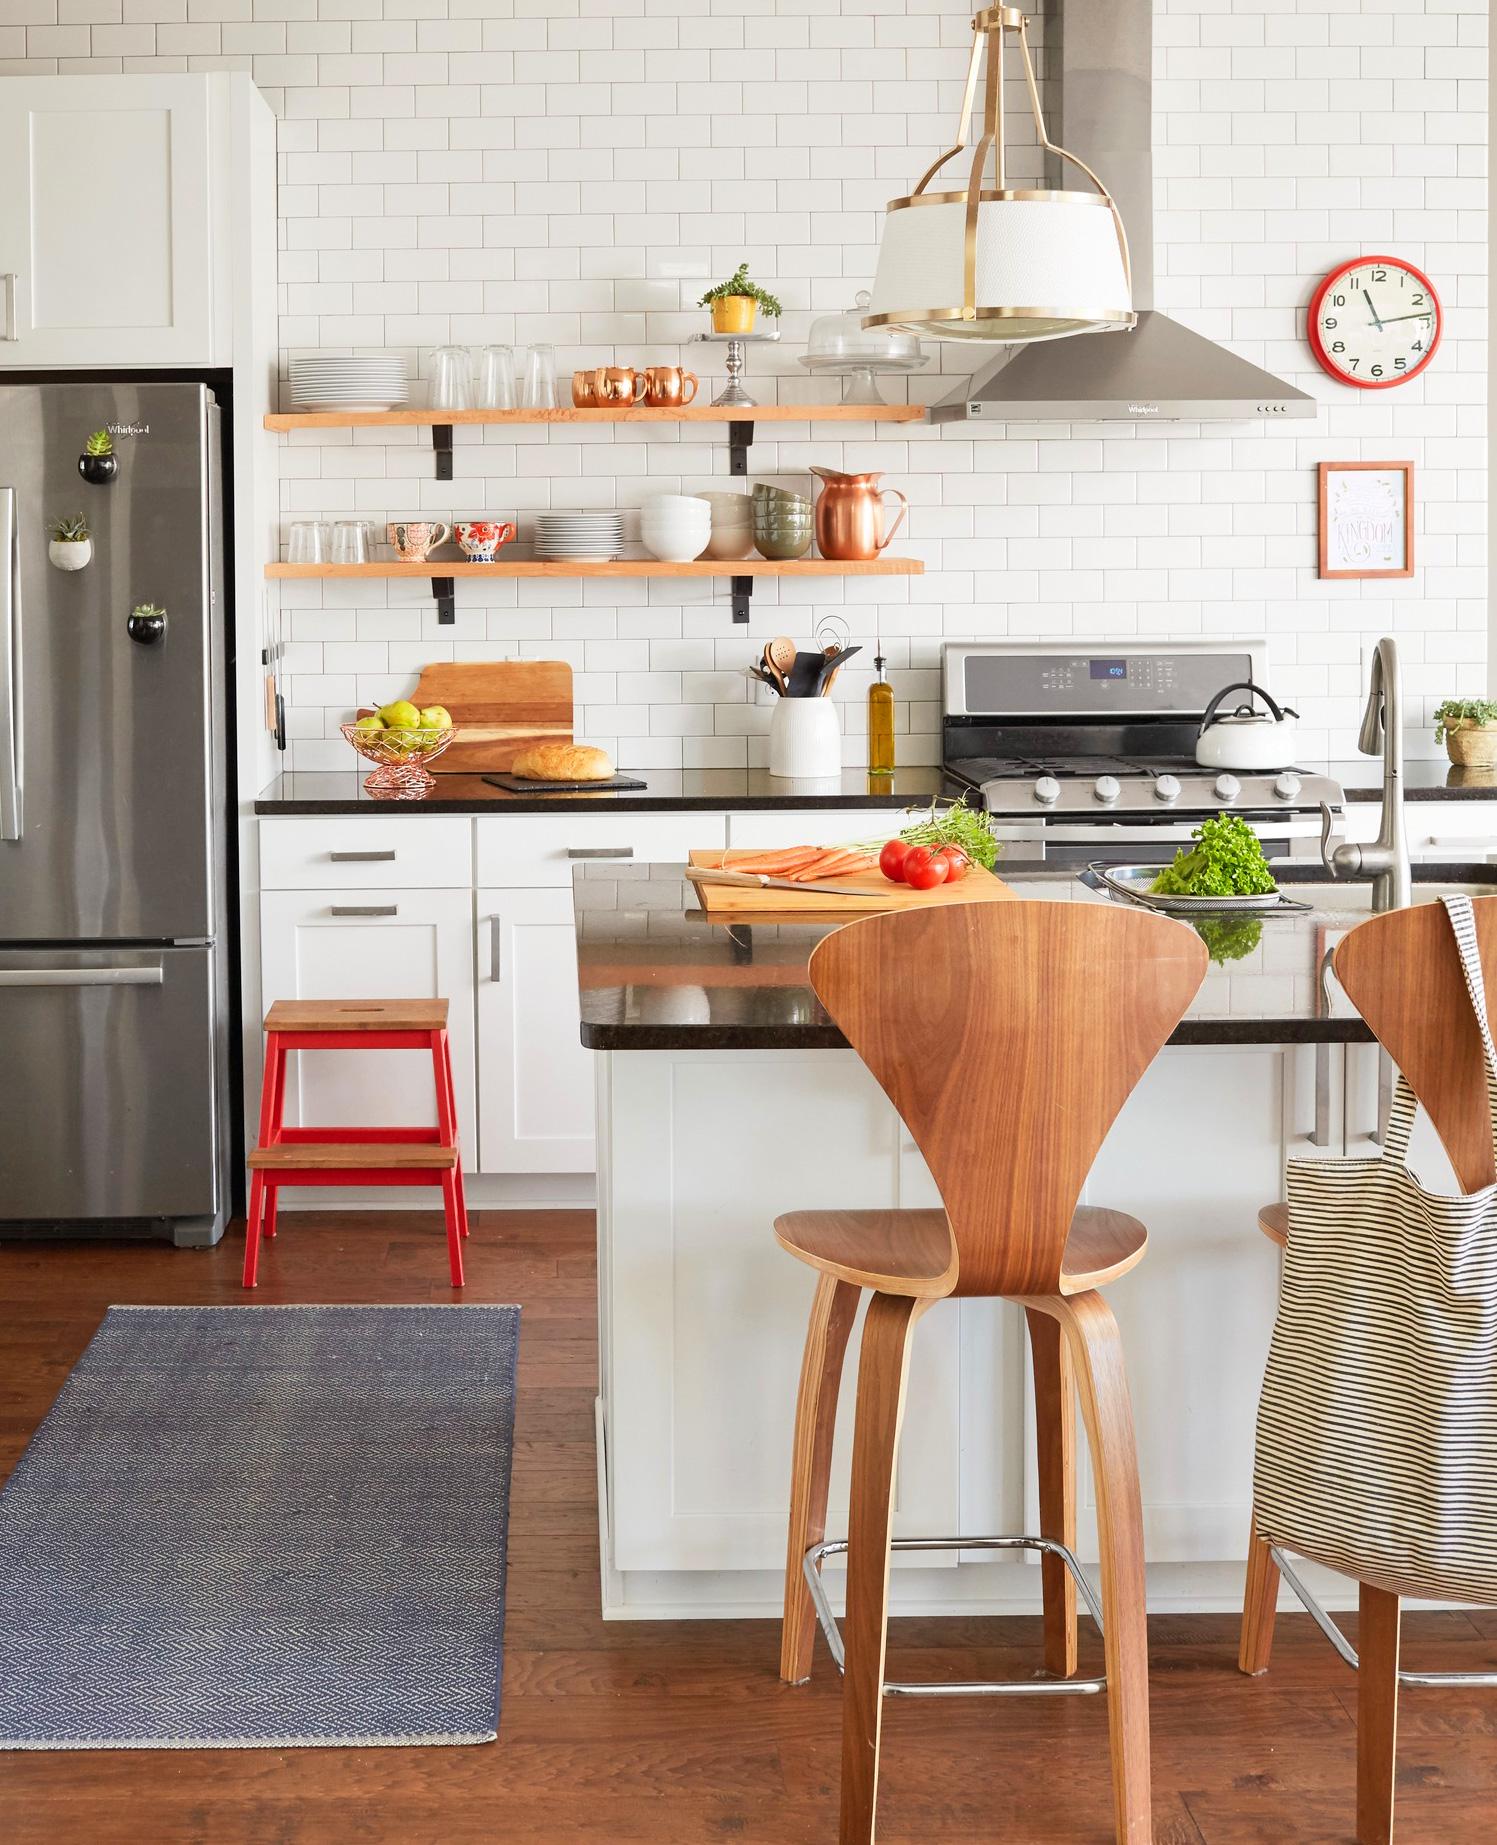 Customized builder kitchen